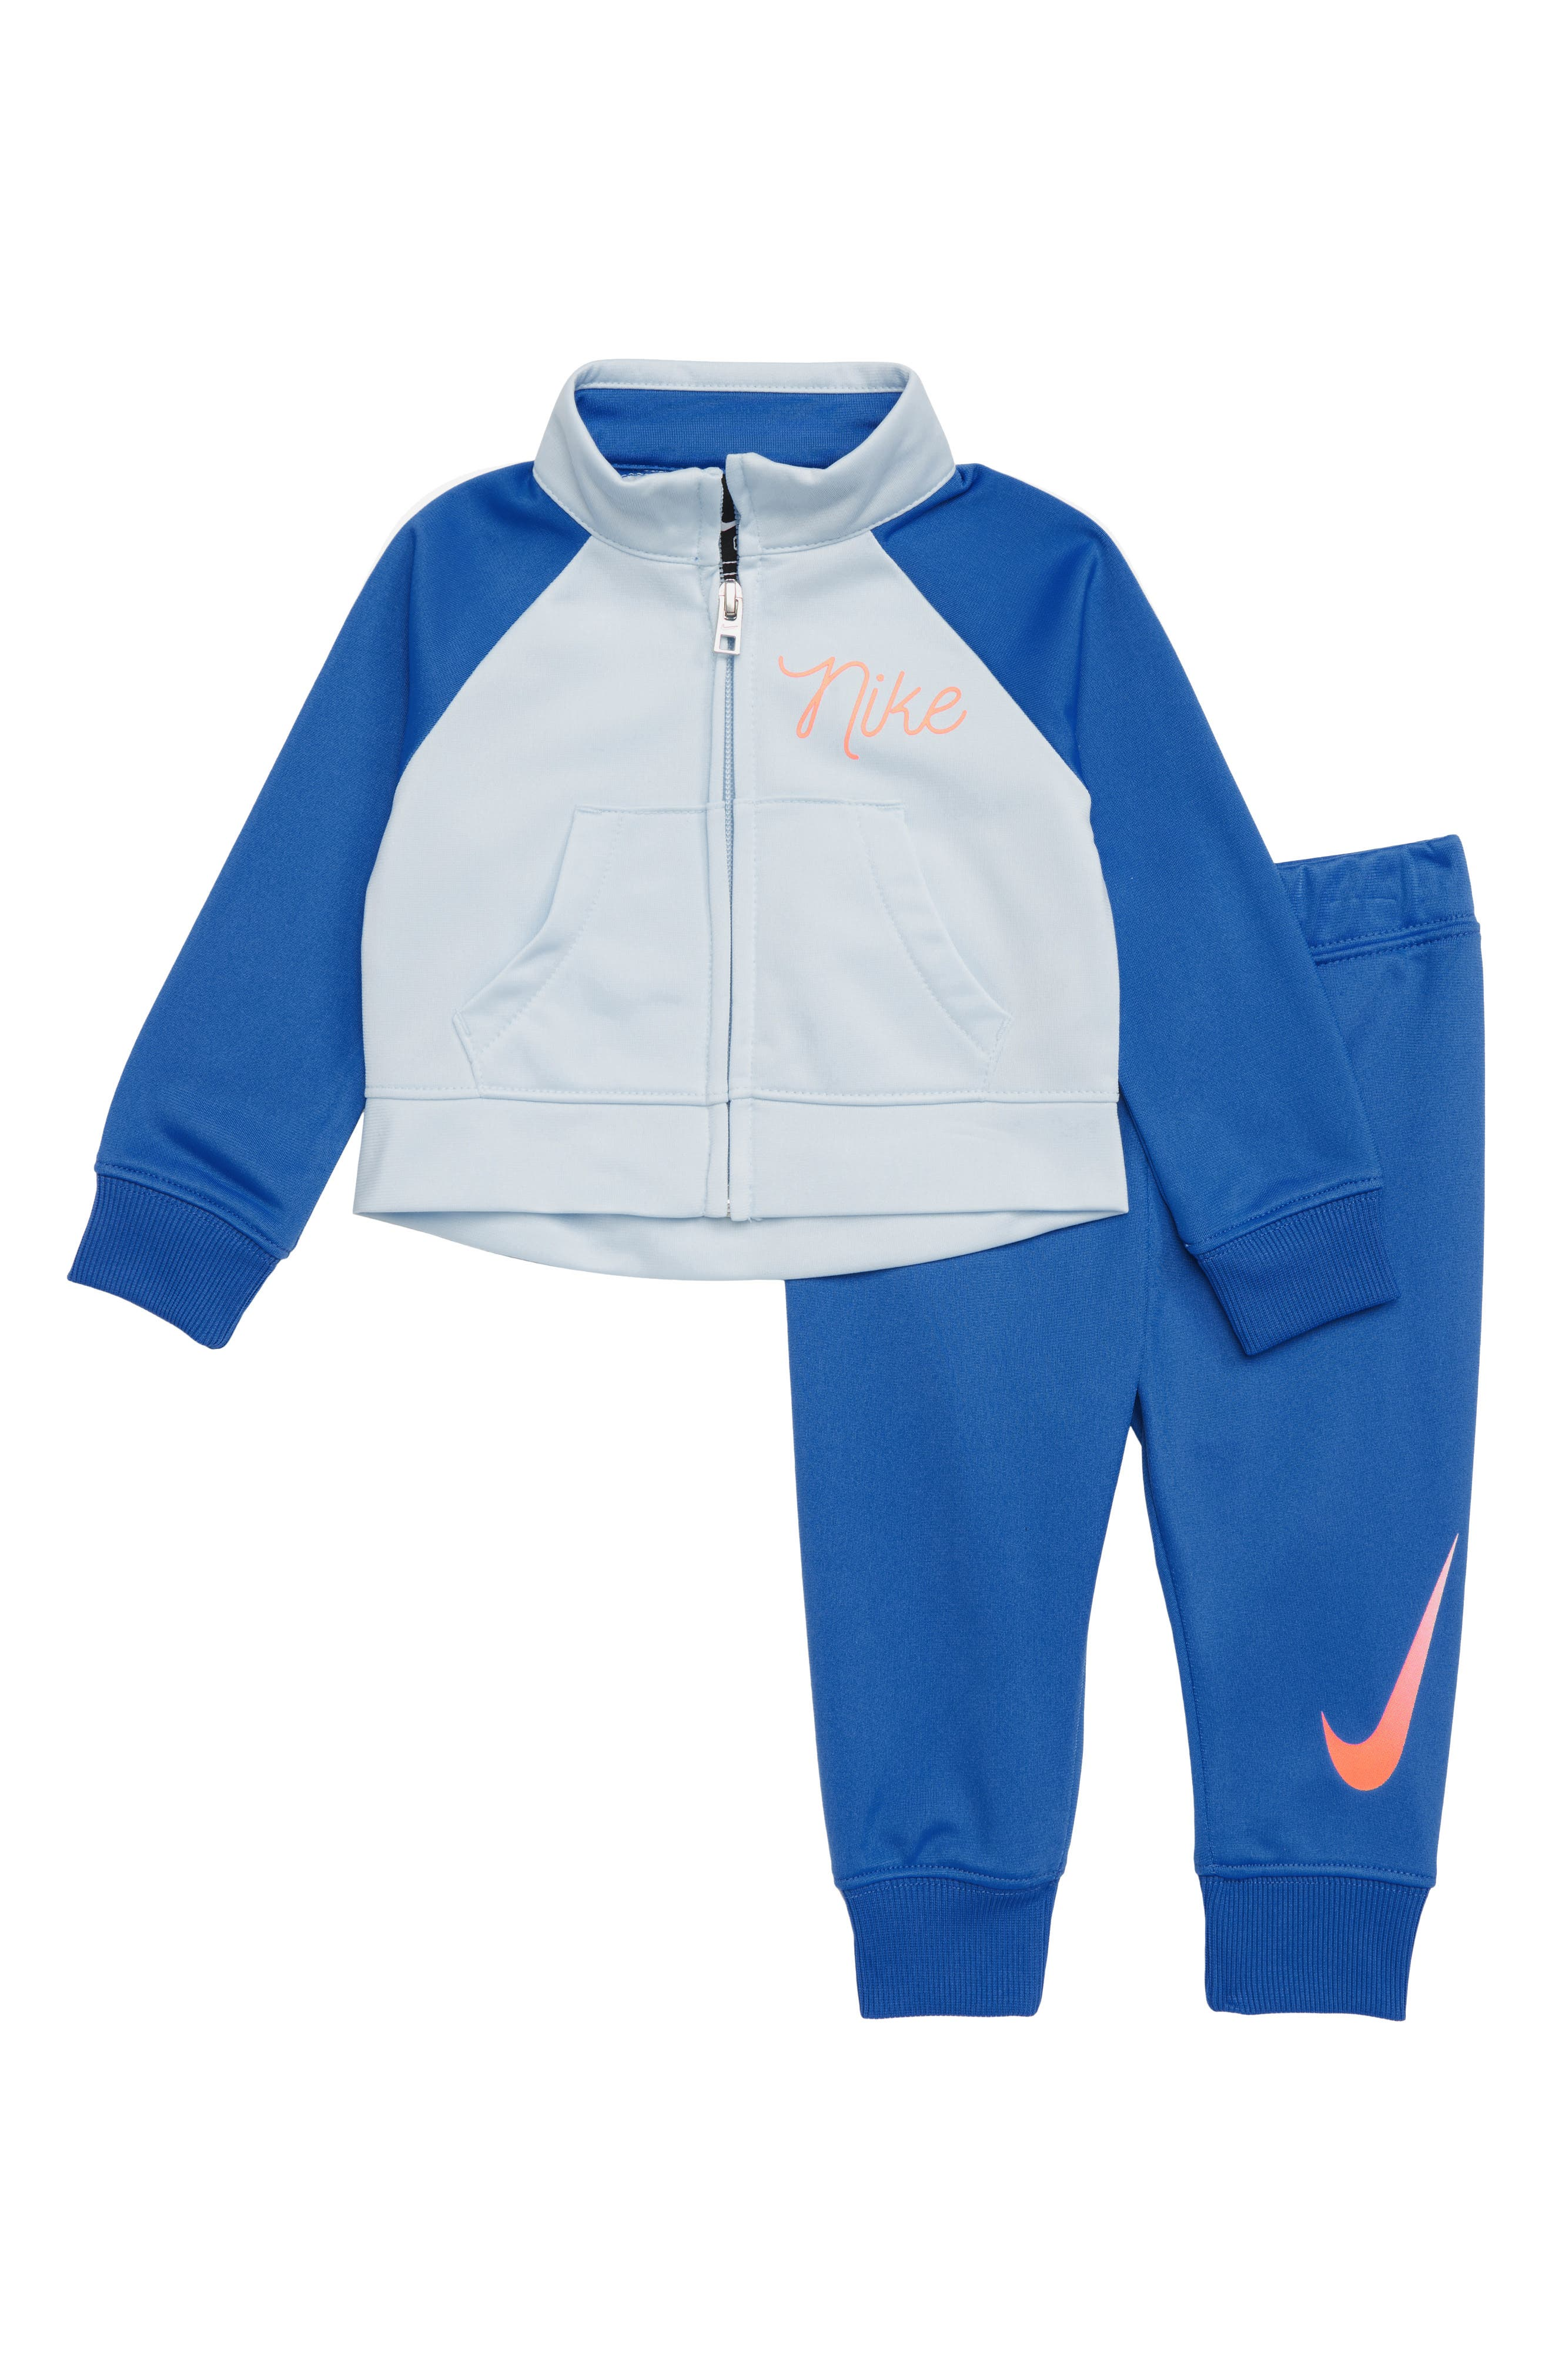 Swoosh Tricot Track Suit Set,                         Main,                         color, SIGNAL BLUE